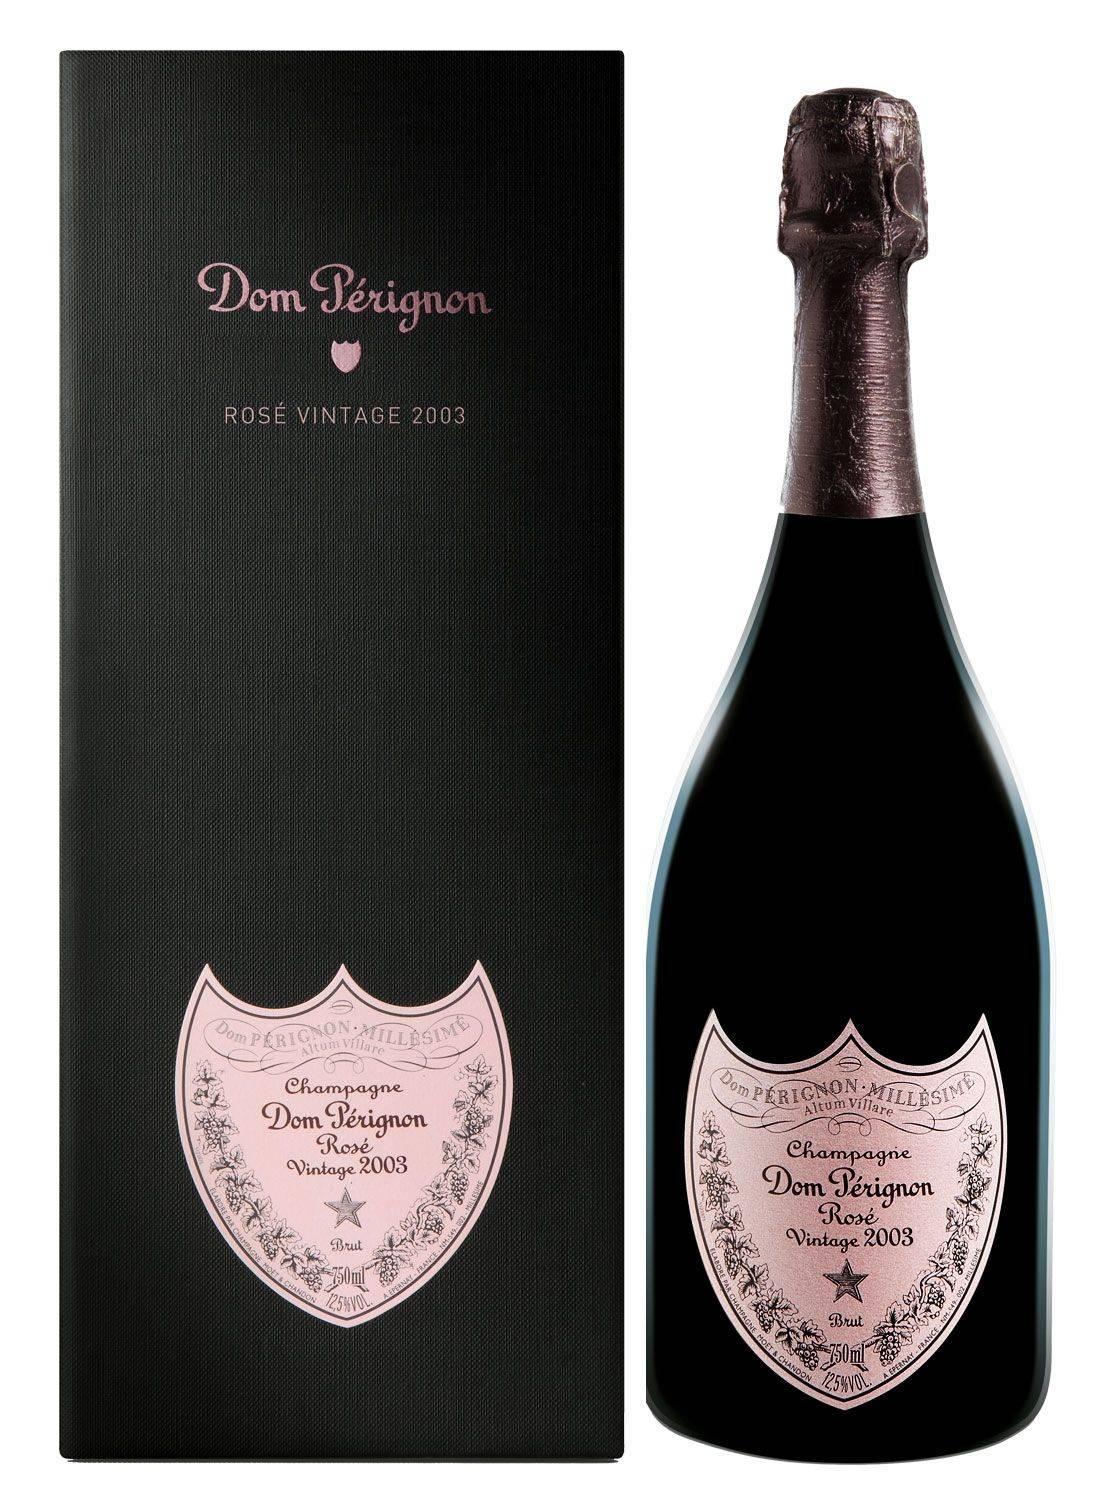 Шампанское дом периньон — удивительный напиток с историей